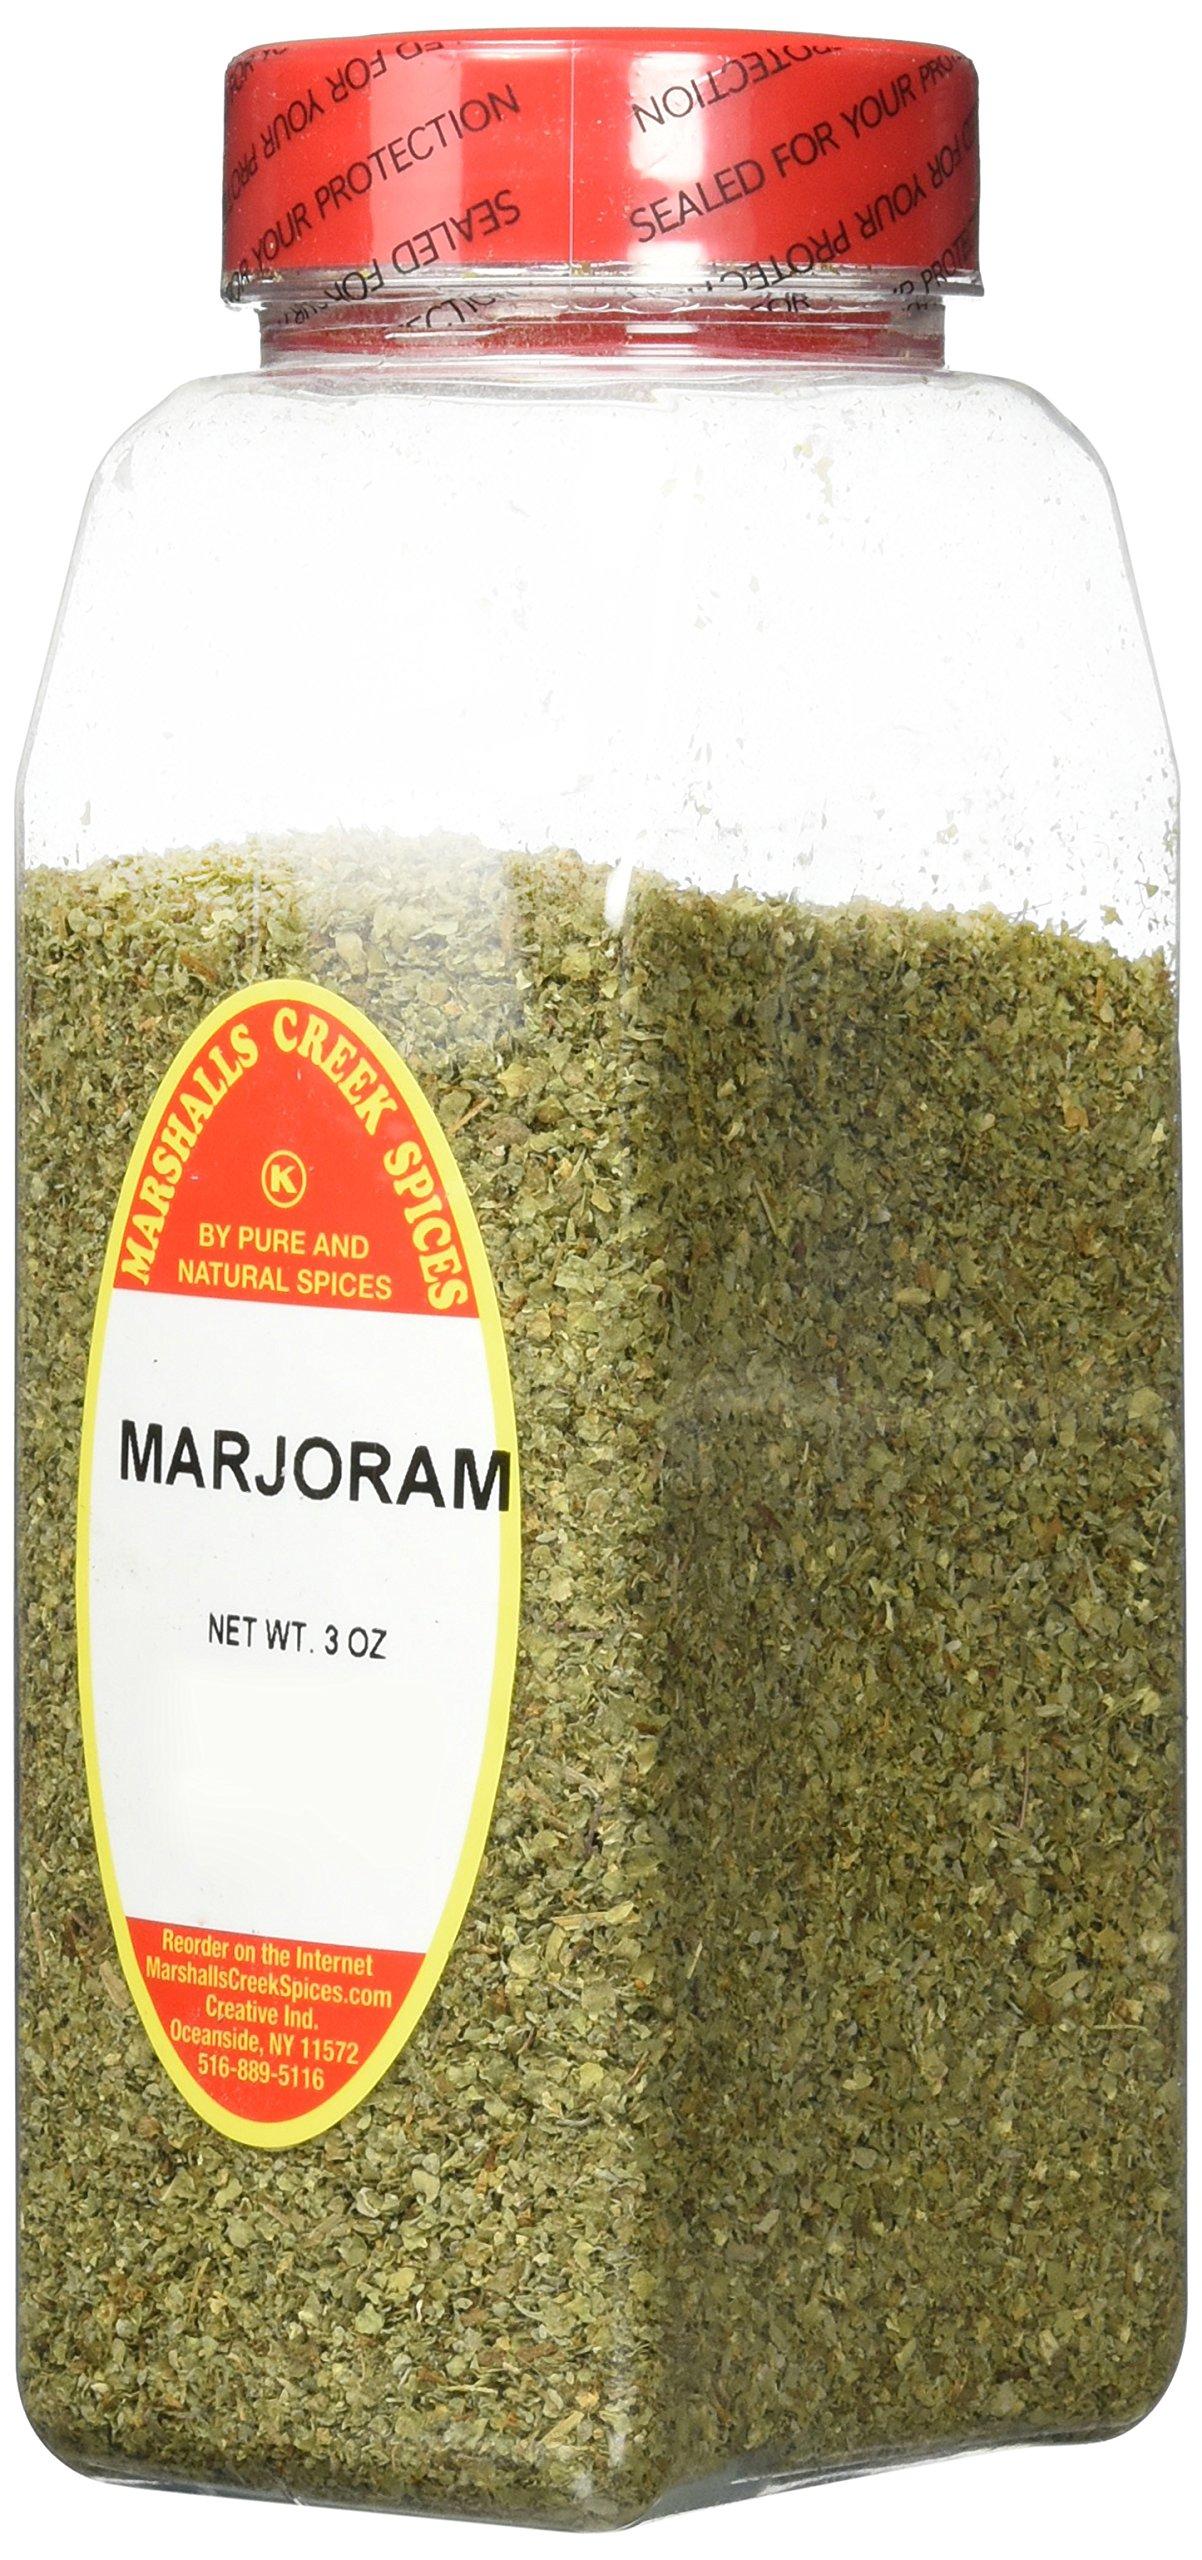 Marshalls Creek Kosher Spices MARJORAM 3 oz